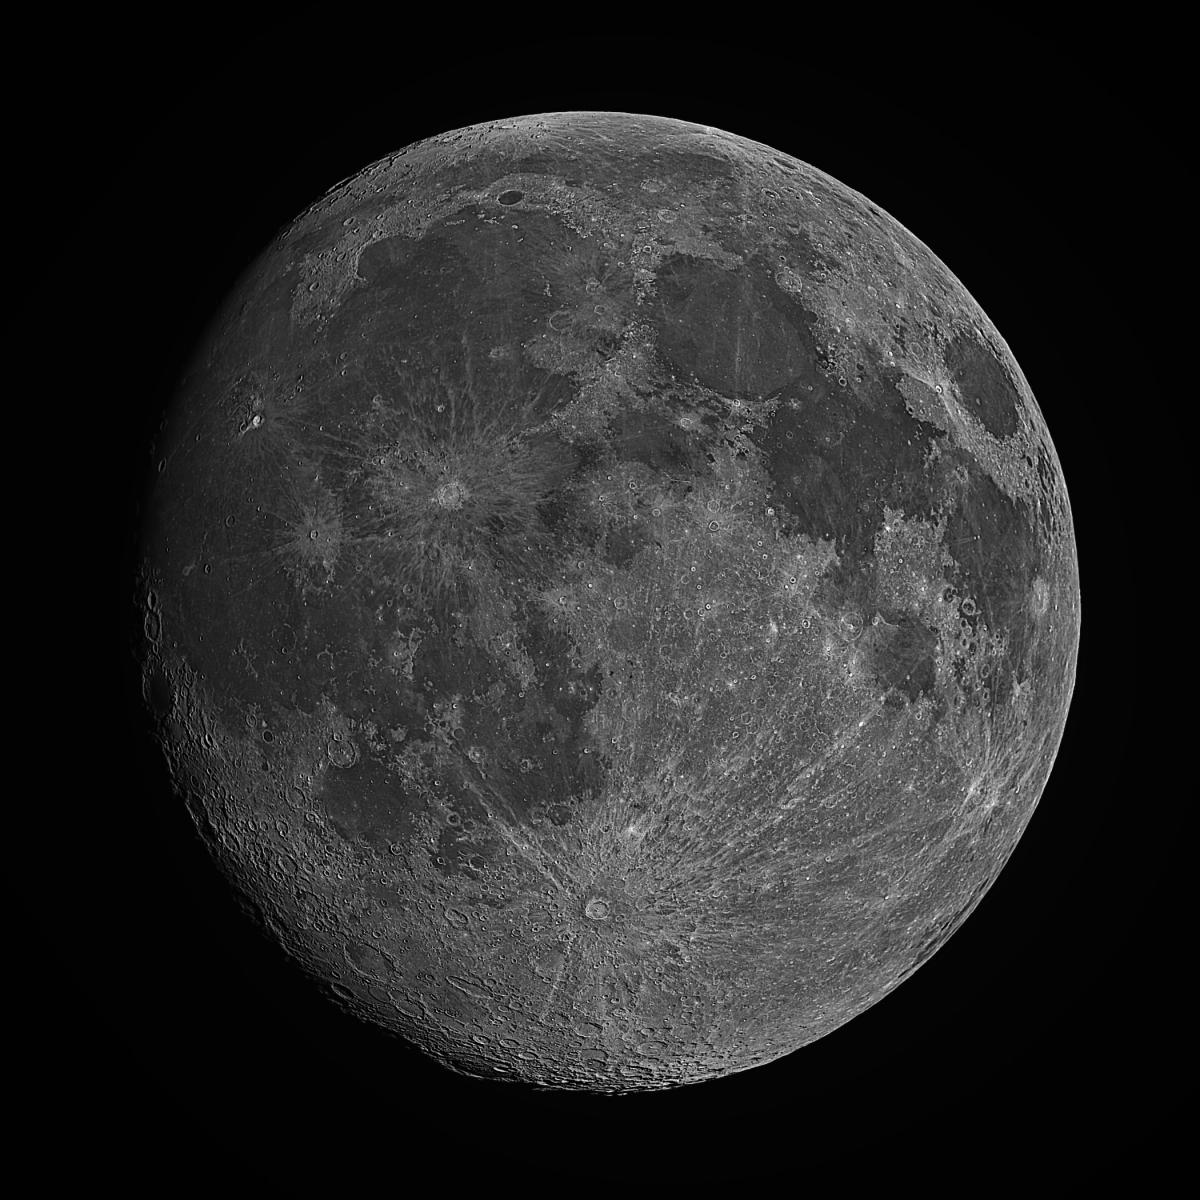 Moon, June 29-30, 2015